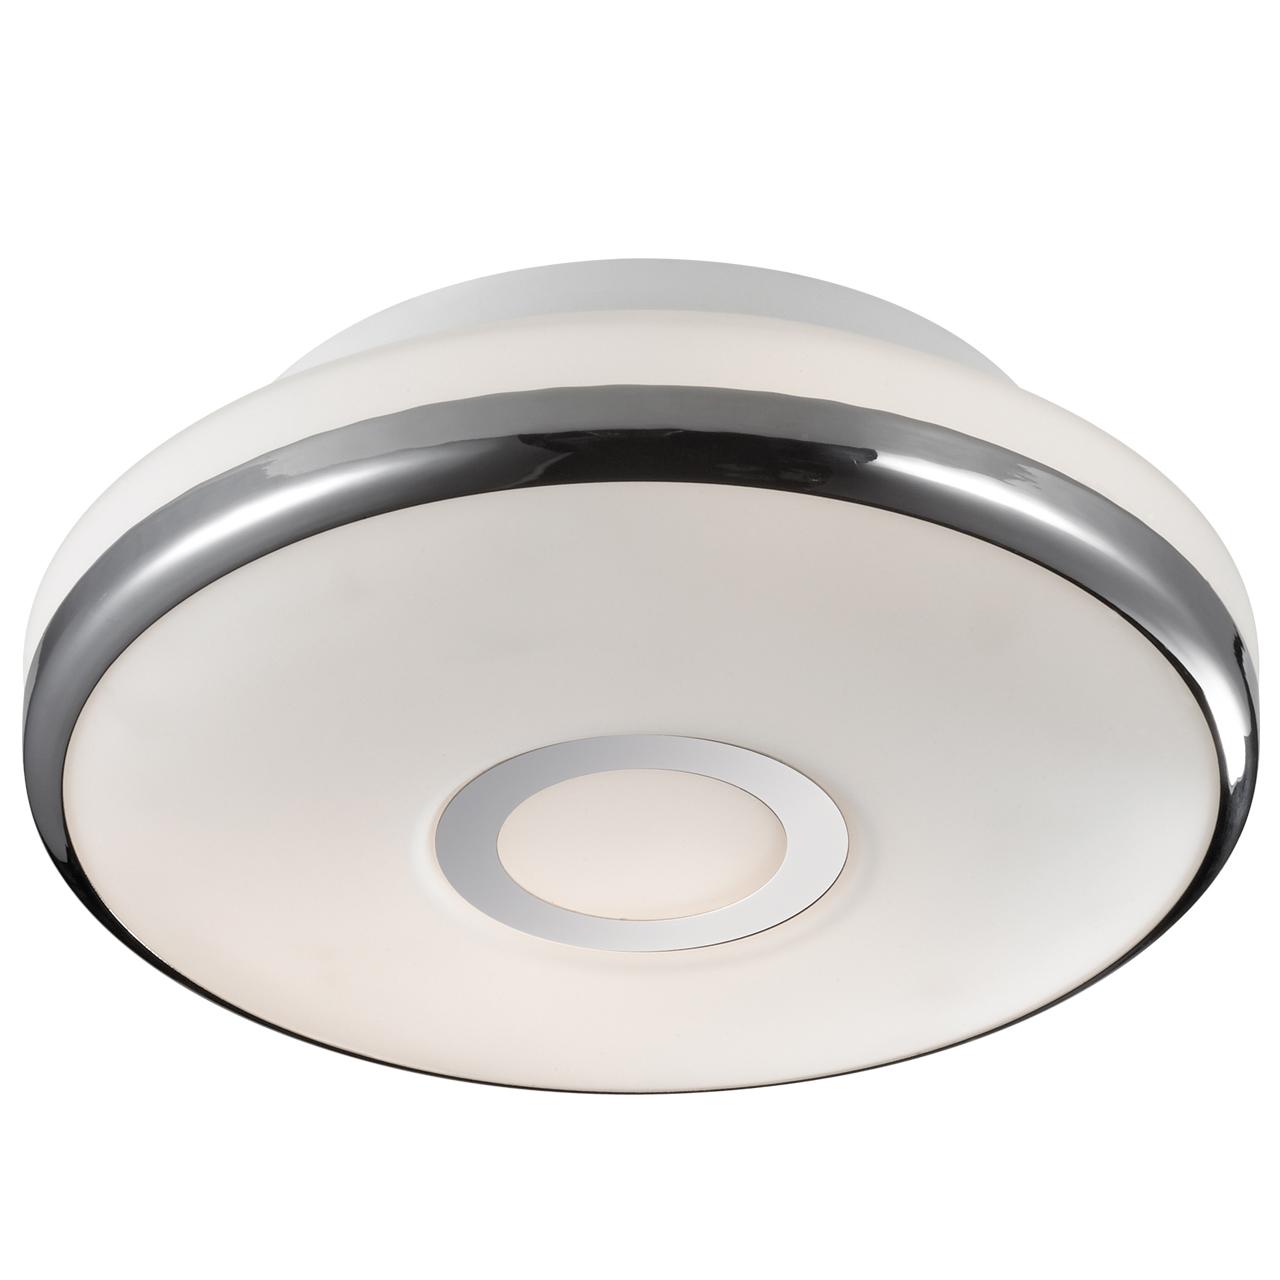 Светильник настенно-потолочный Odeon light 2401/1c odeon light потолочный светильник odeon light prody 3557 1c